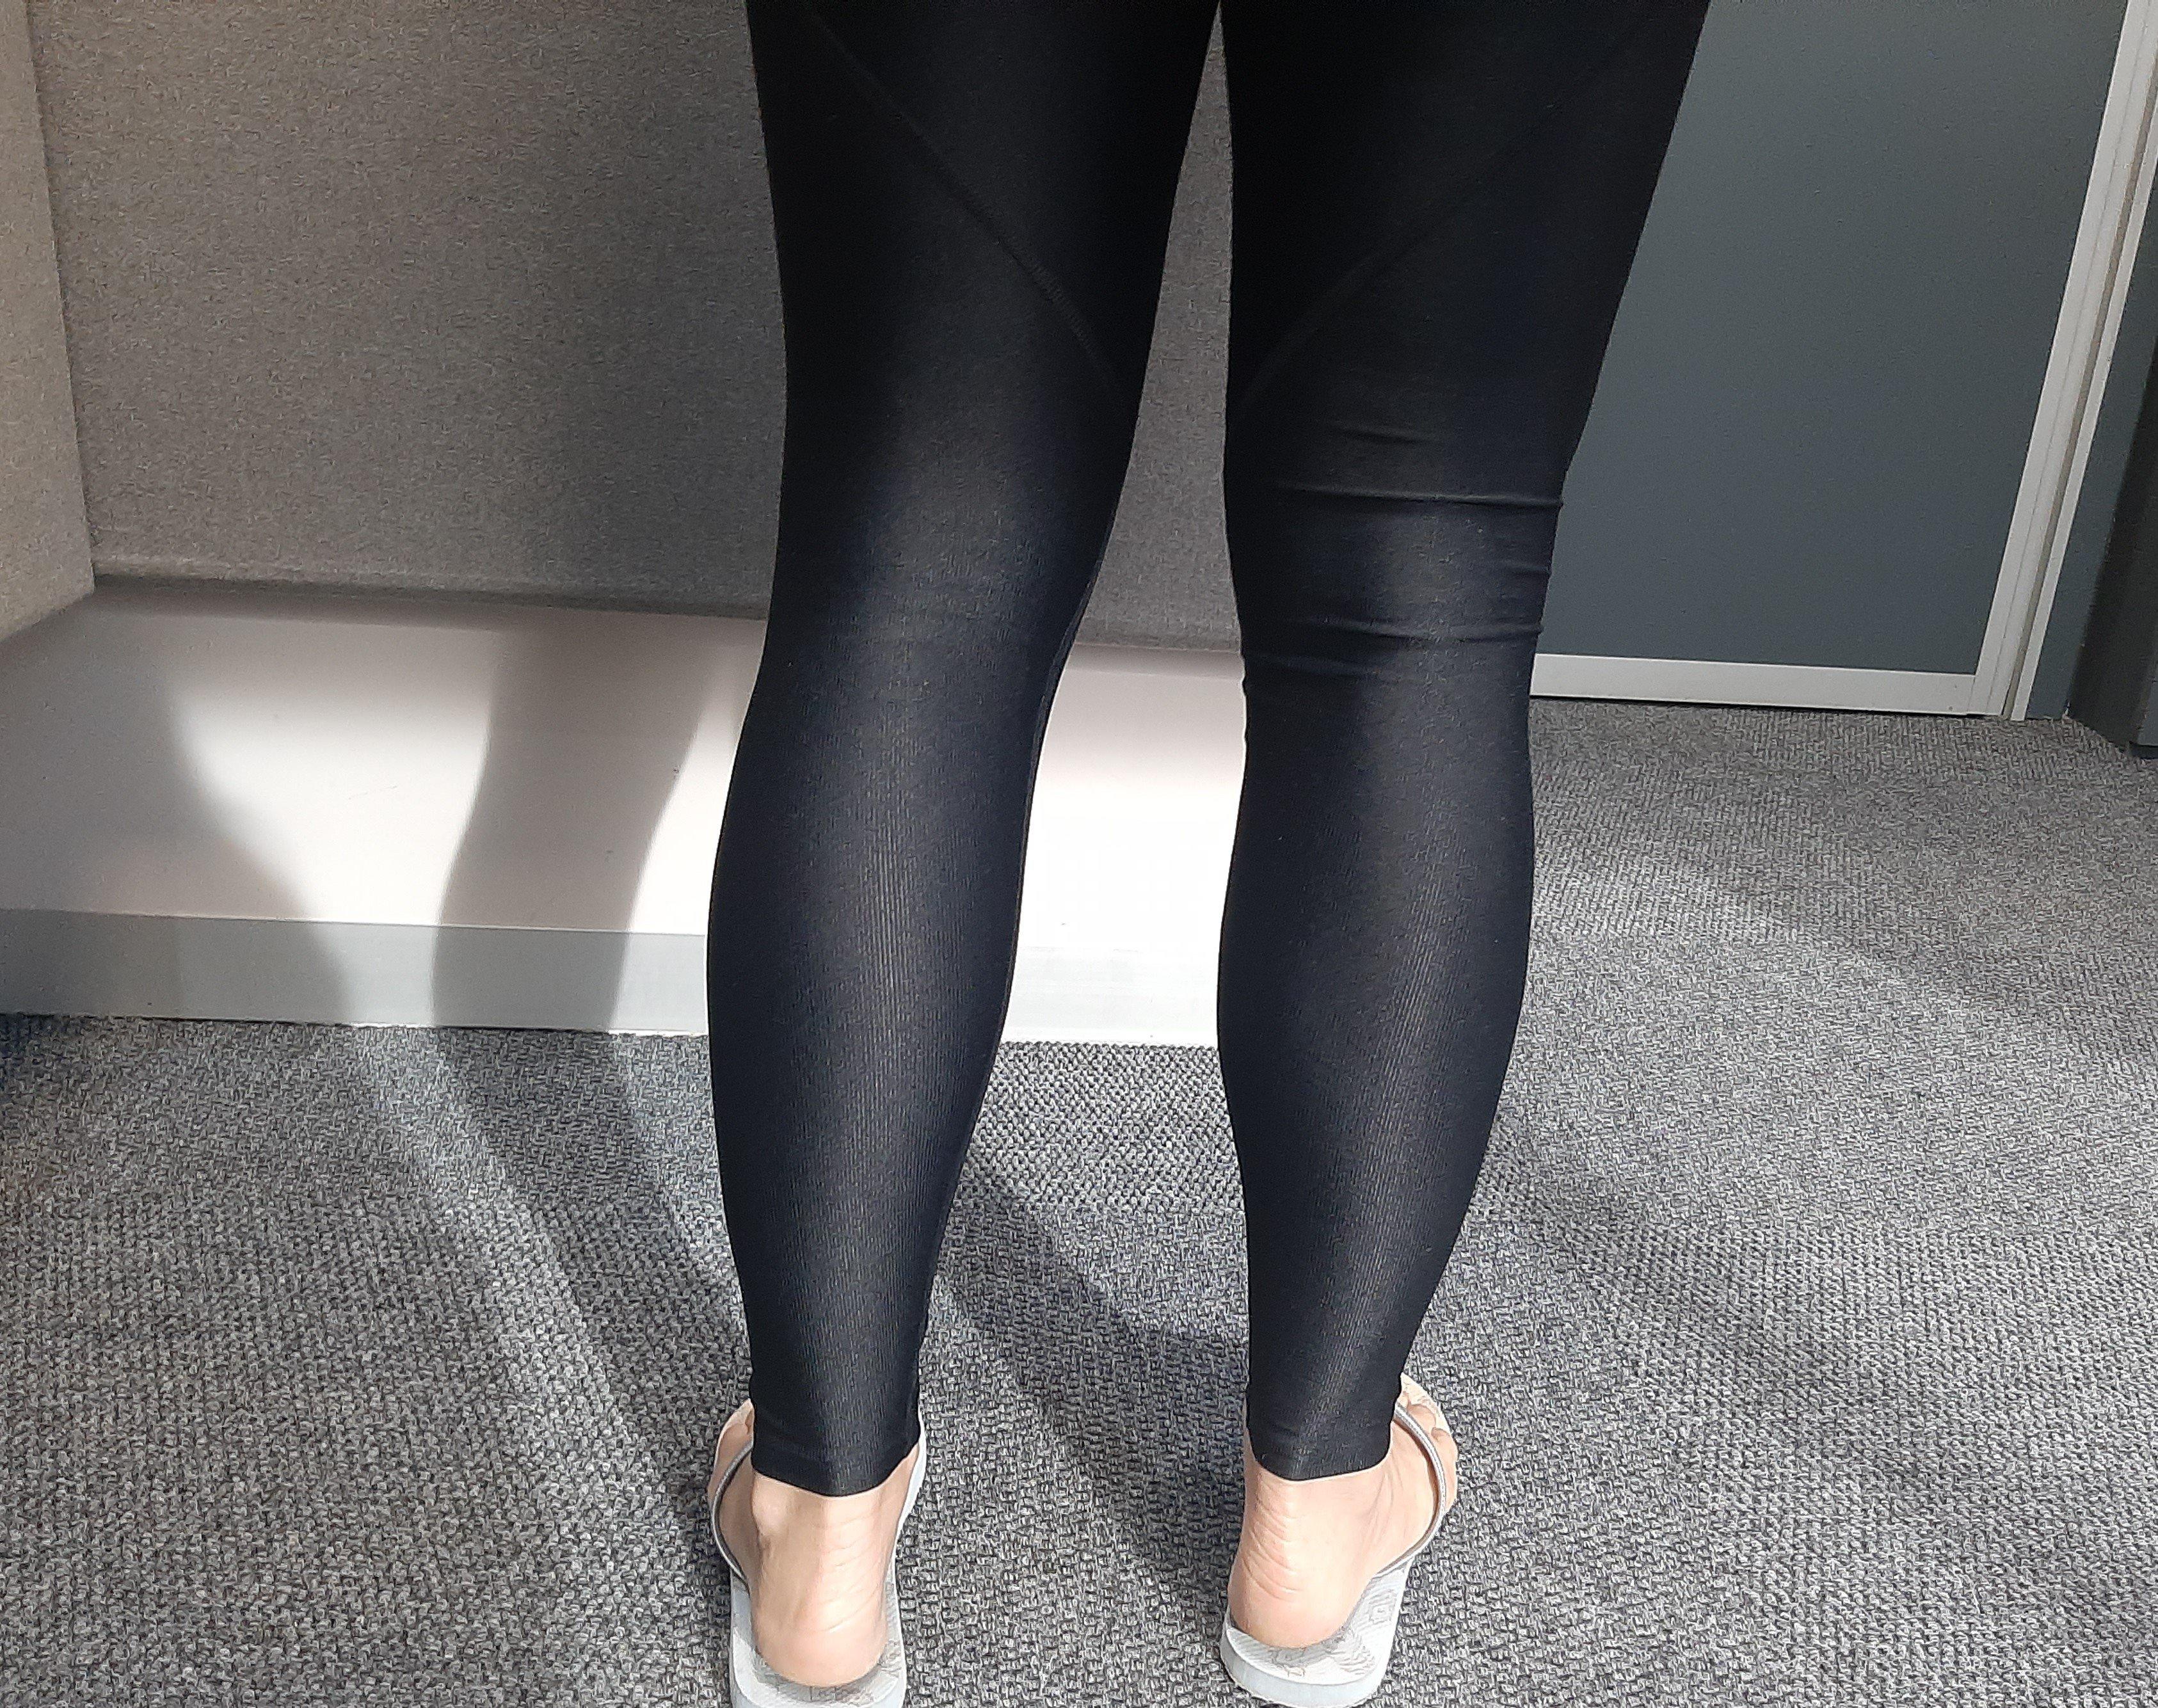 Keri's legs